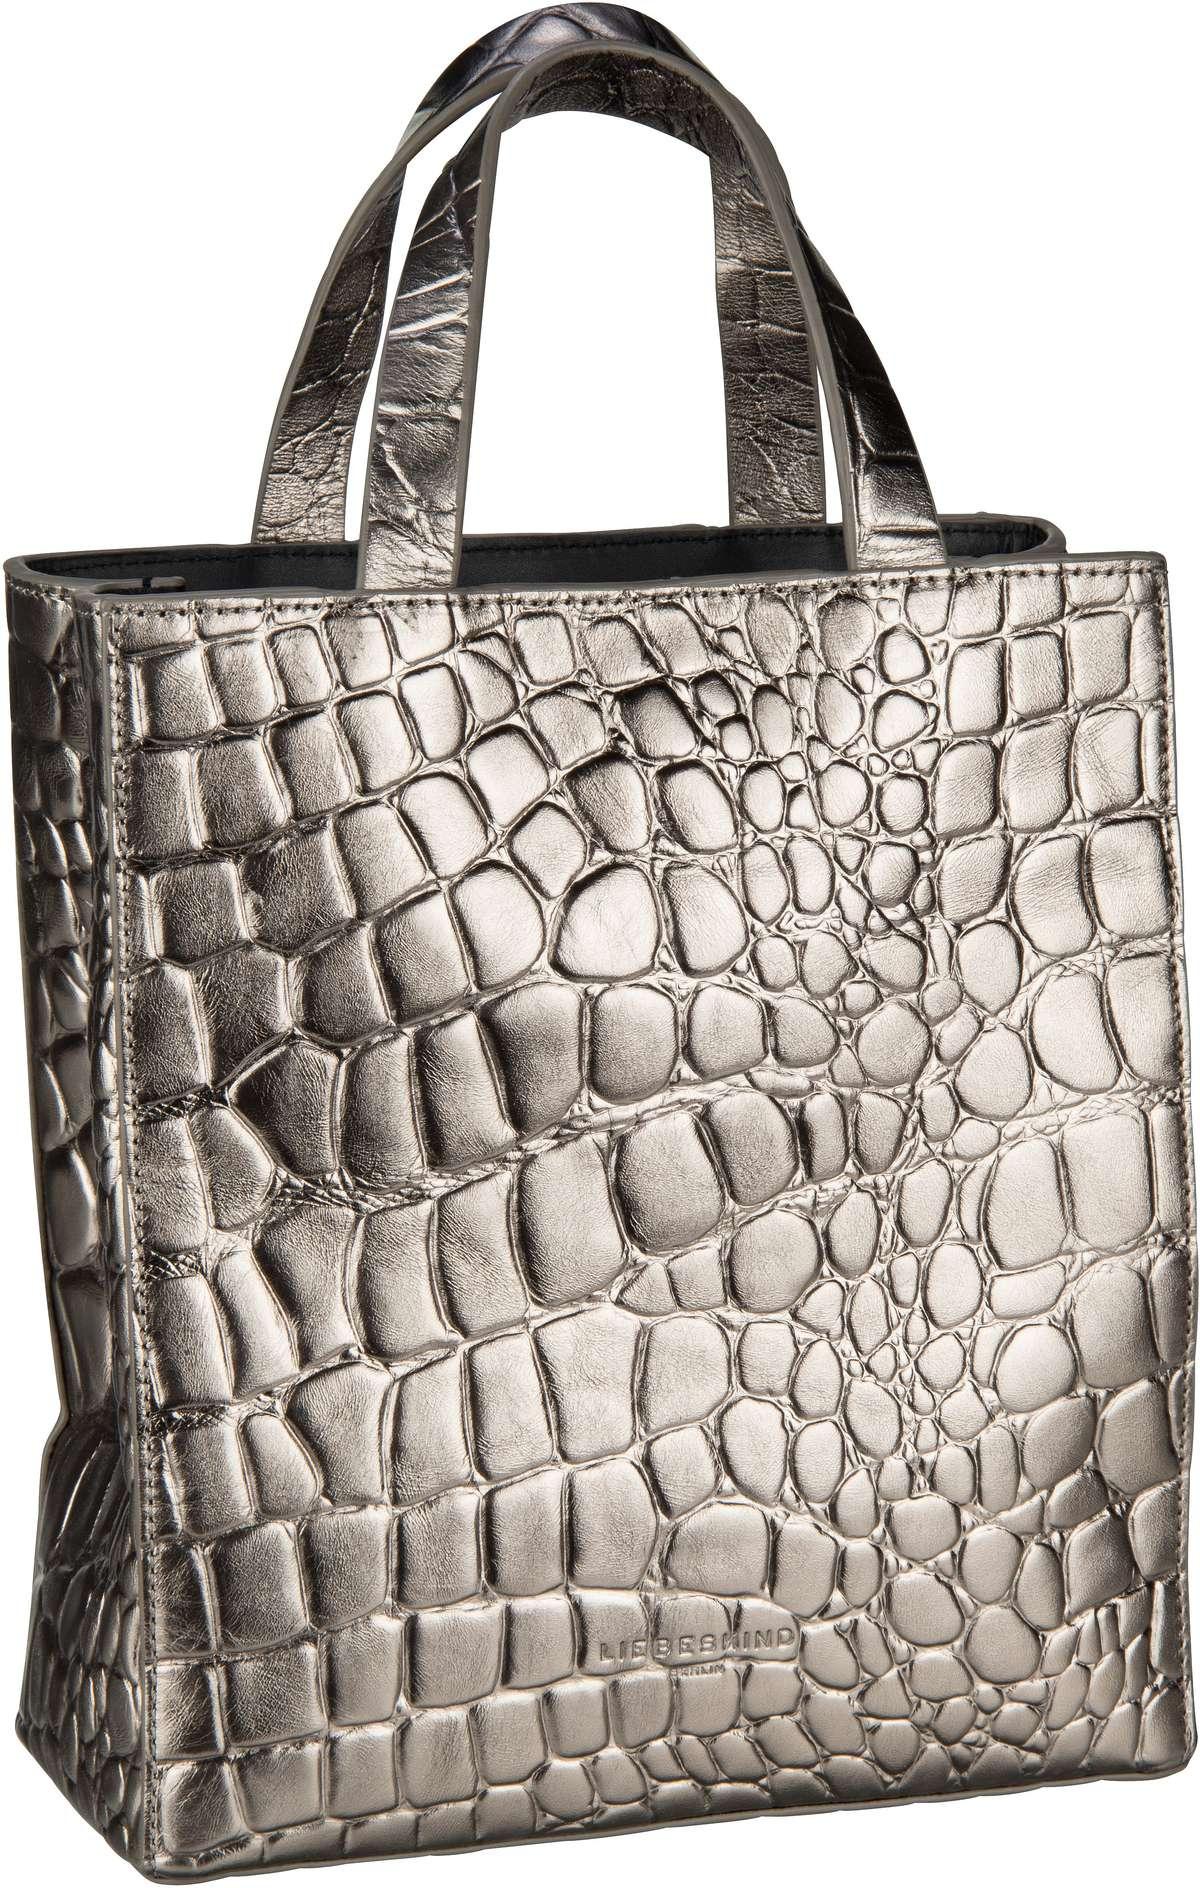 Berlin Handtasche Paper Bag Croco Tote S Warm Silver